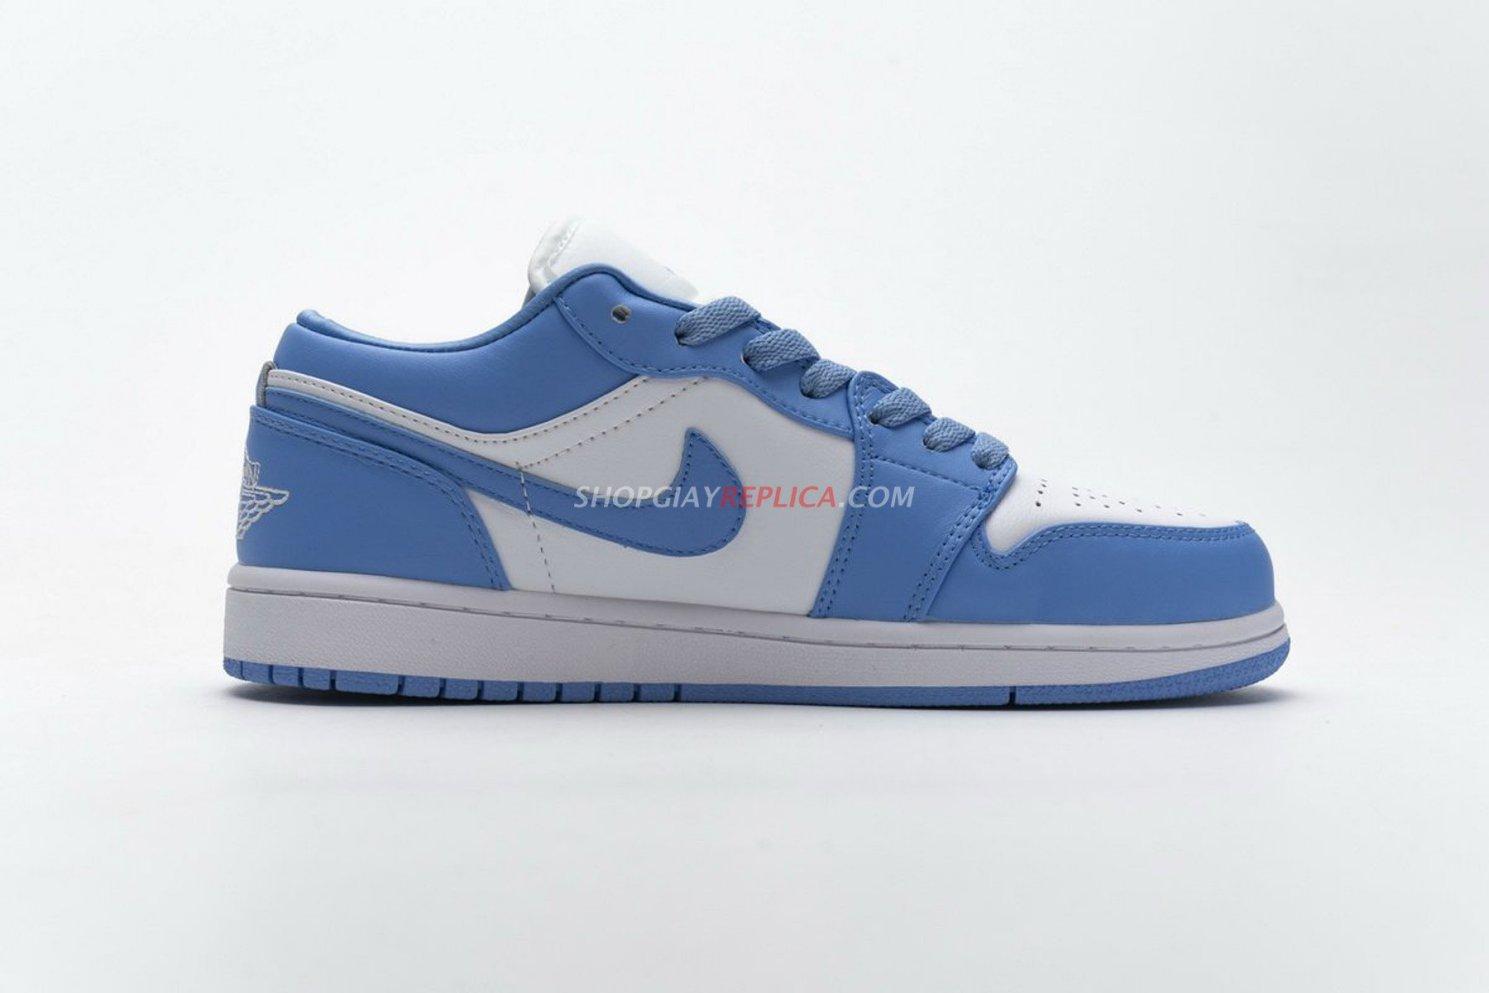 Giày Nike Air Jordan 1 Low UNC Rep 1:1